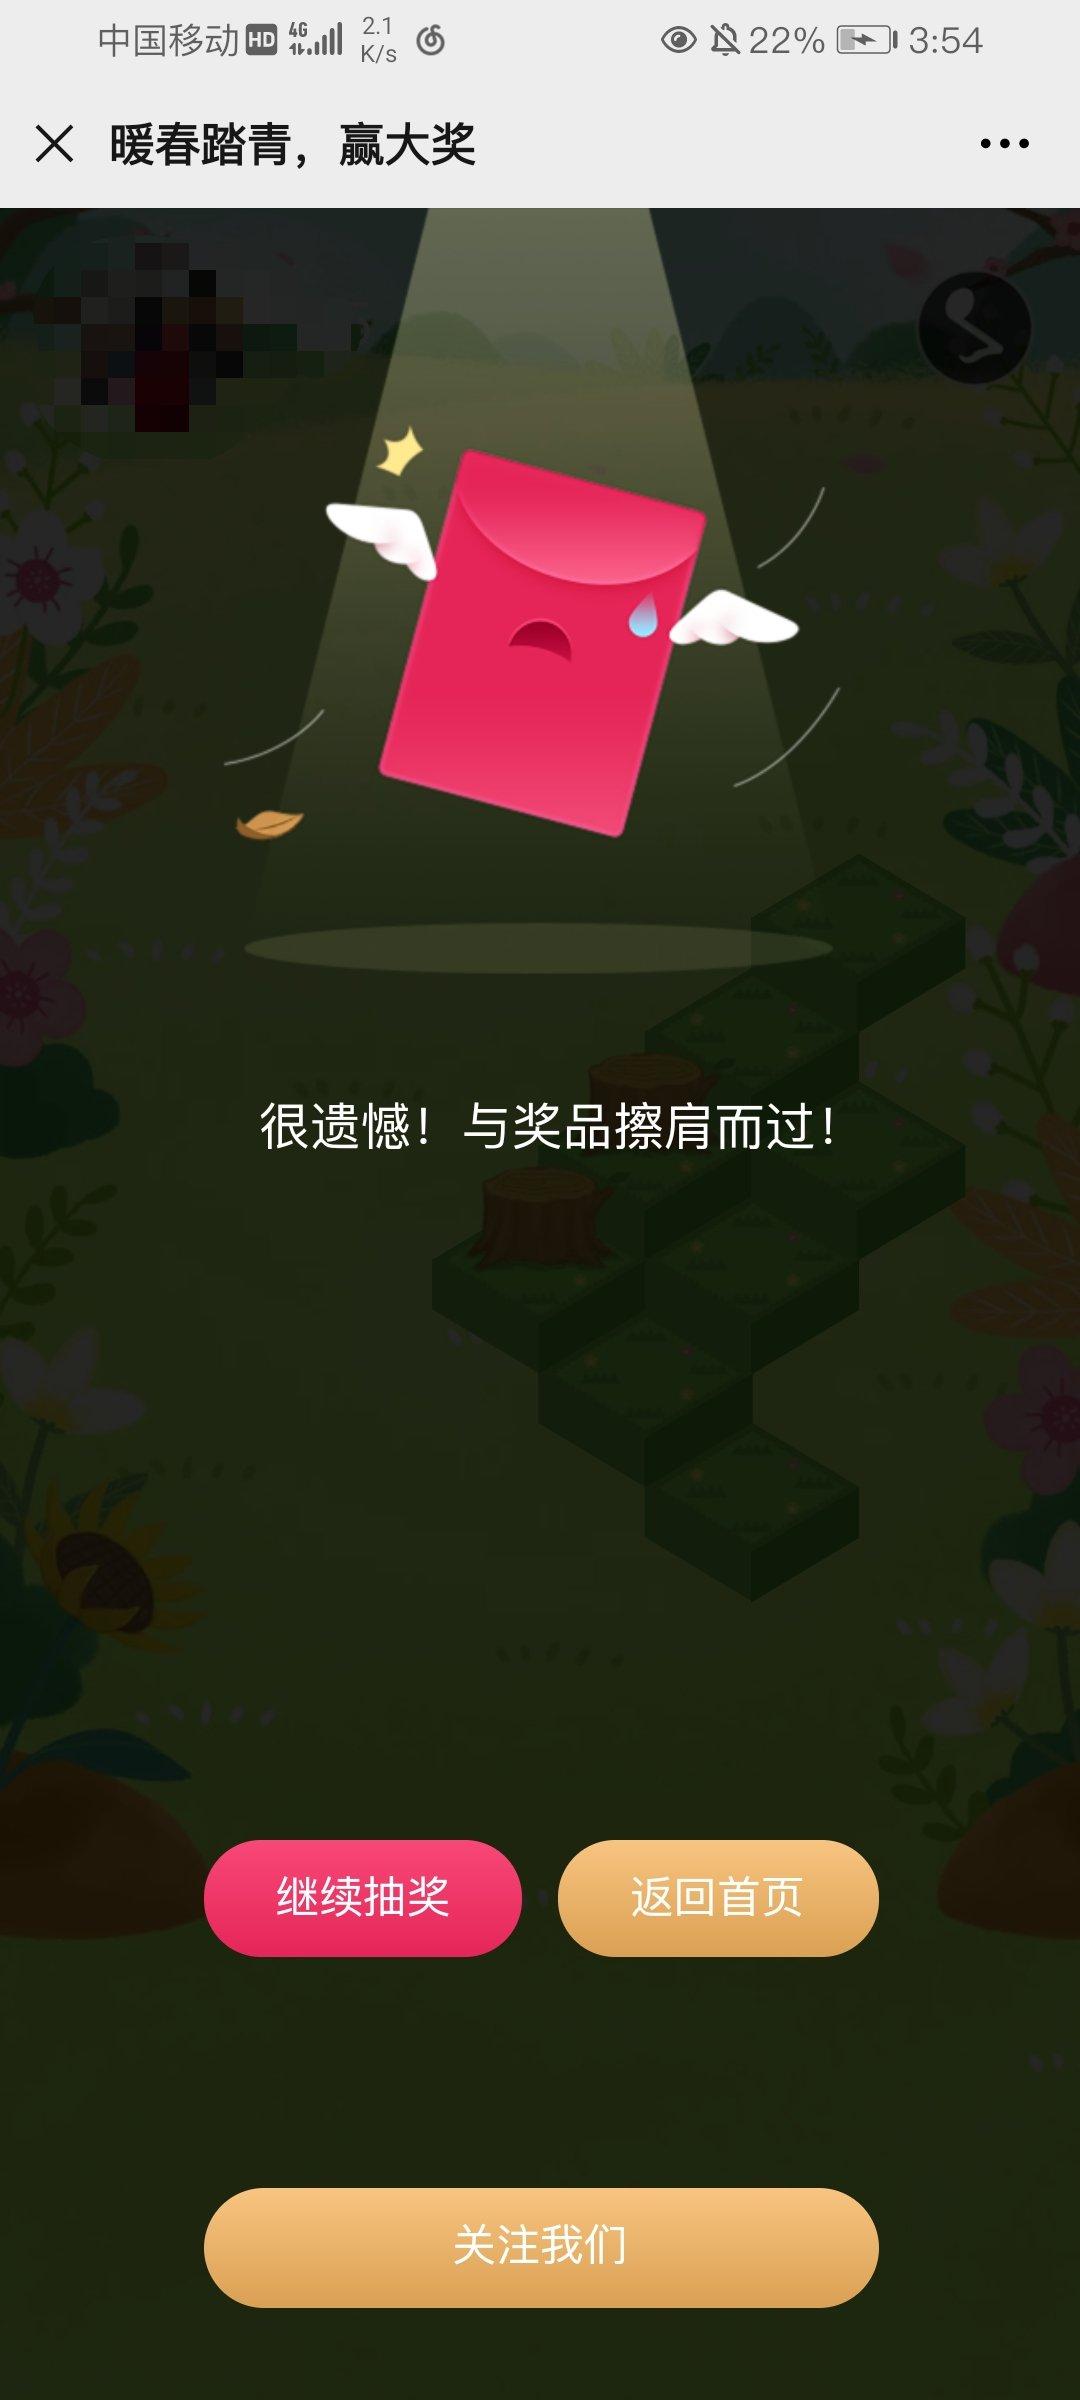 建粤财富玩小游戏抽红包